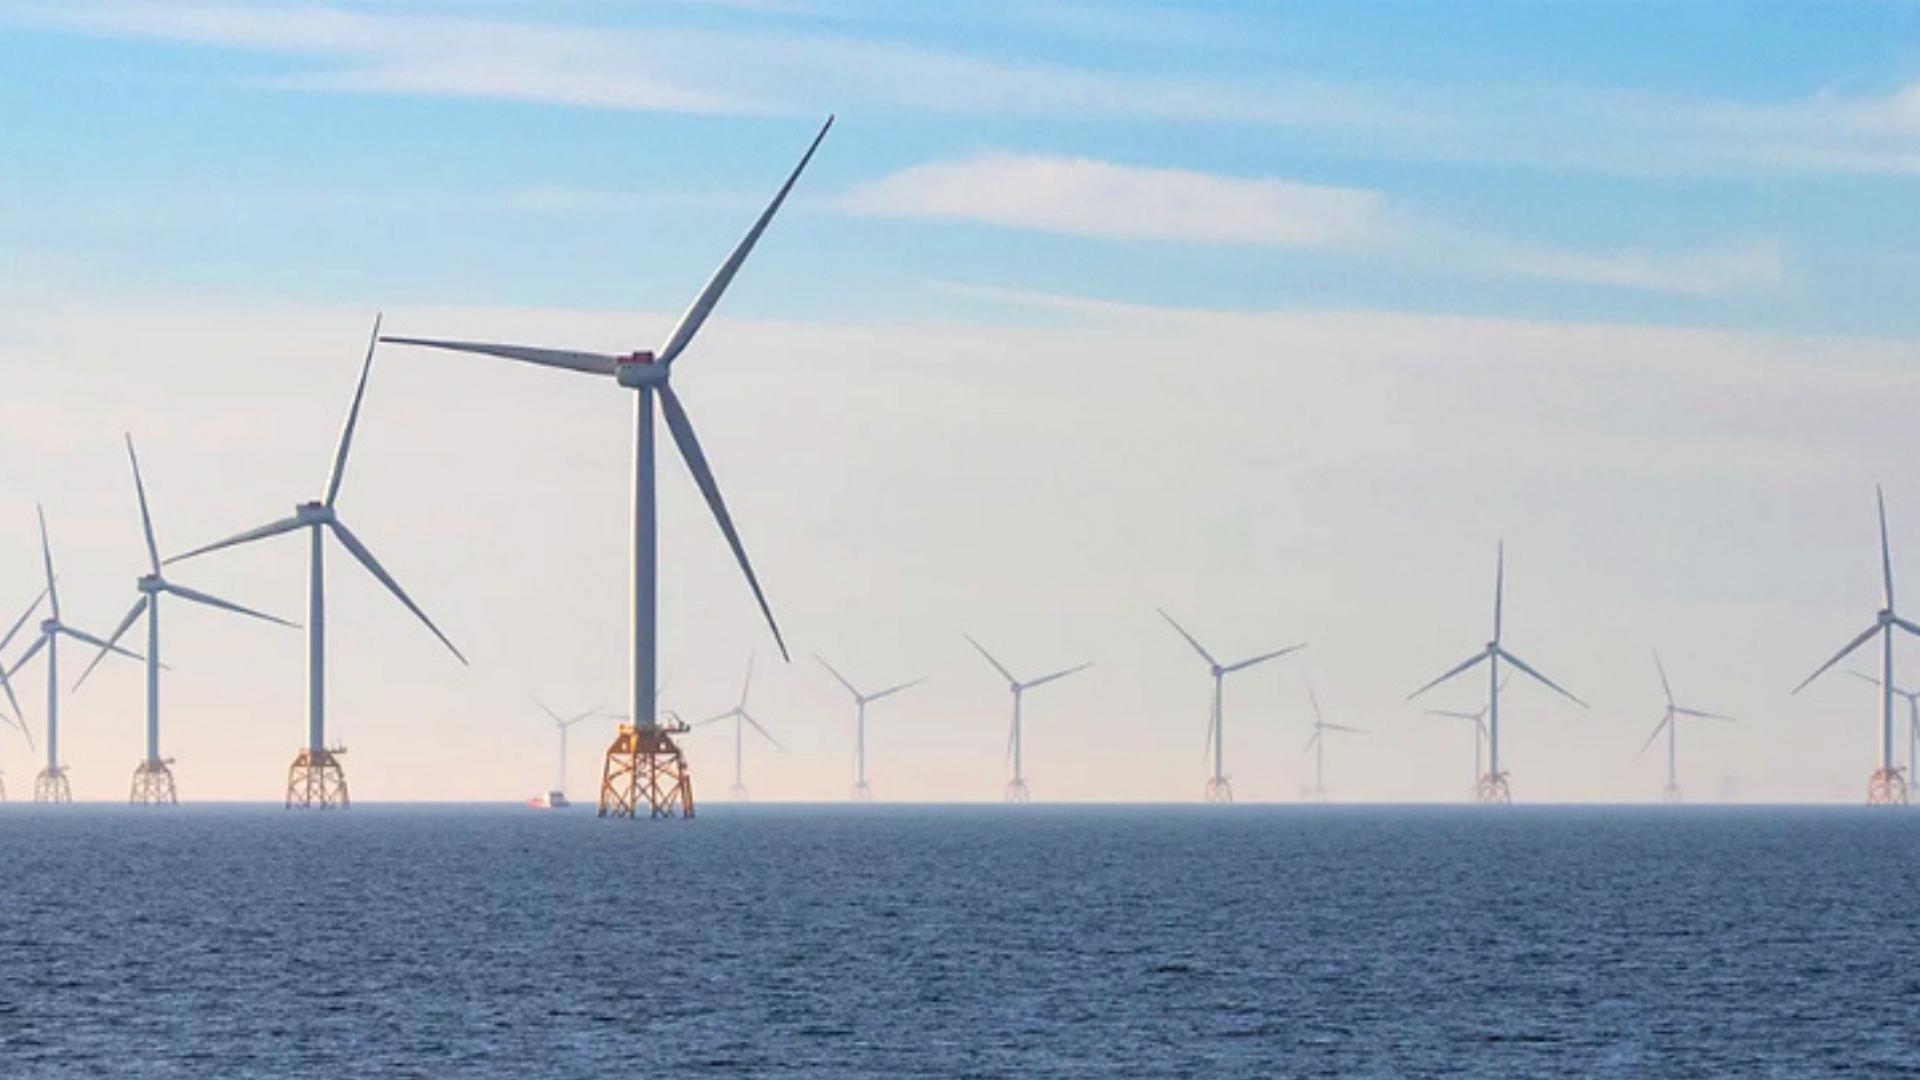 Energia eólica – offshore – Ceará